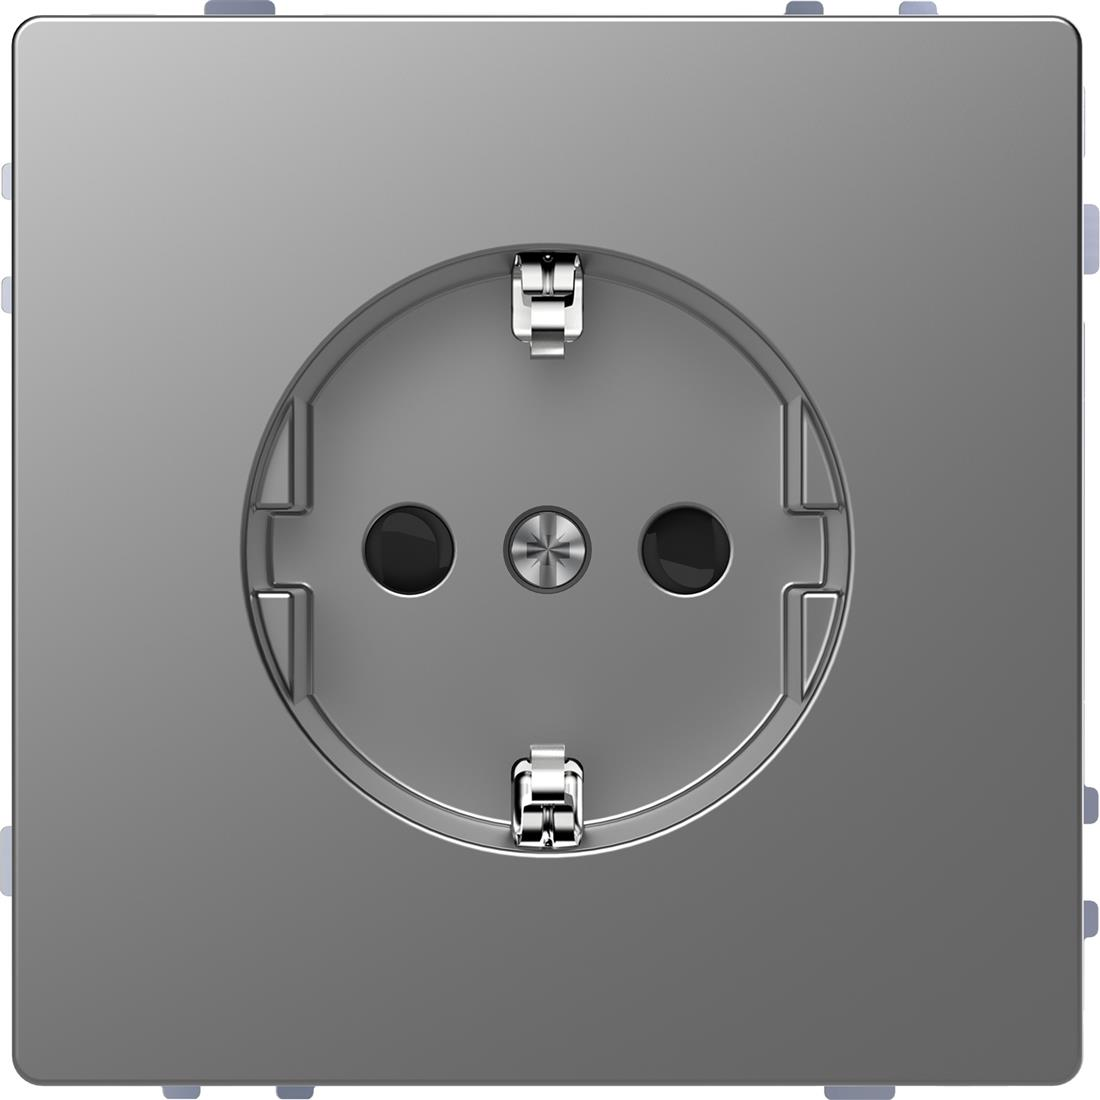 Schneider-Merten D life wandcontactdoos met kinderbeveiliging - RVS look (MTN2300-6036)